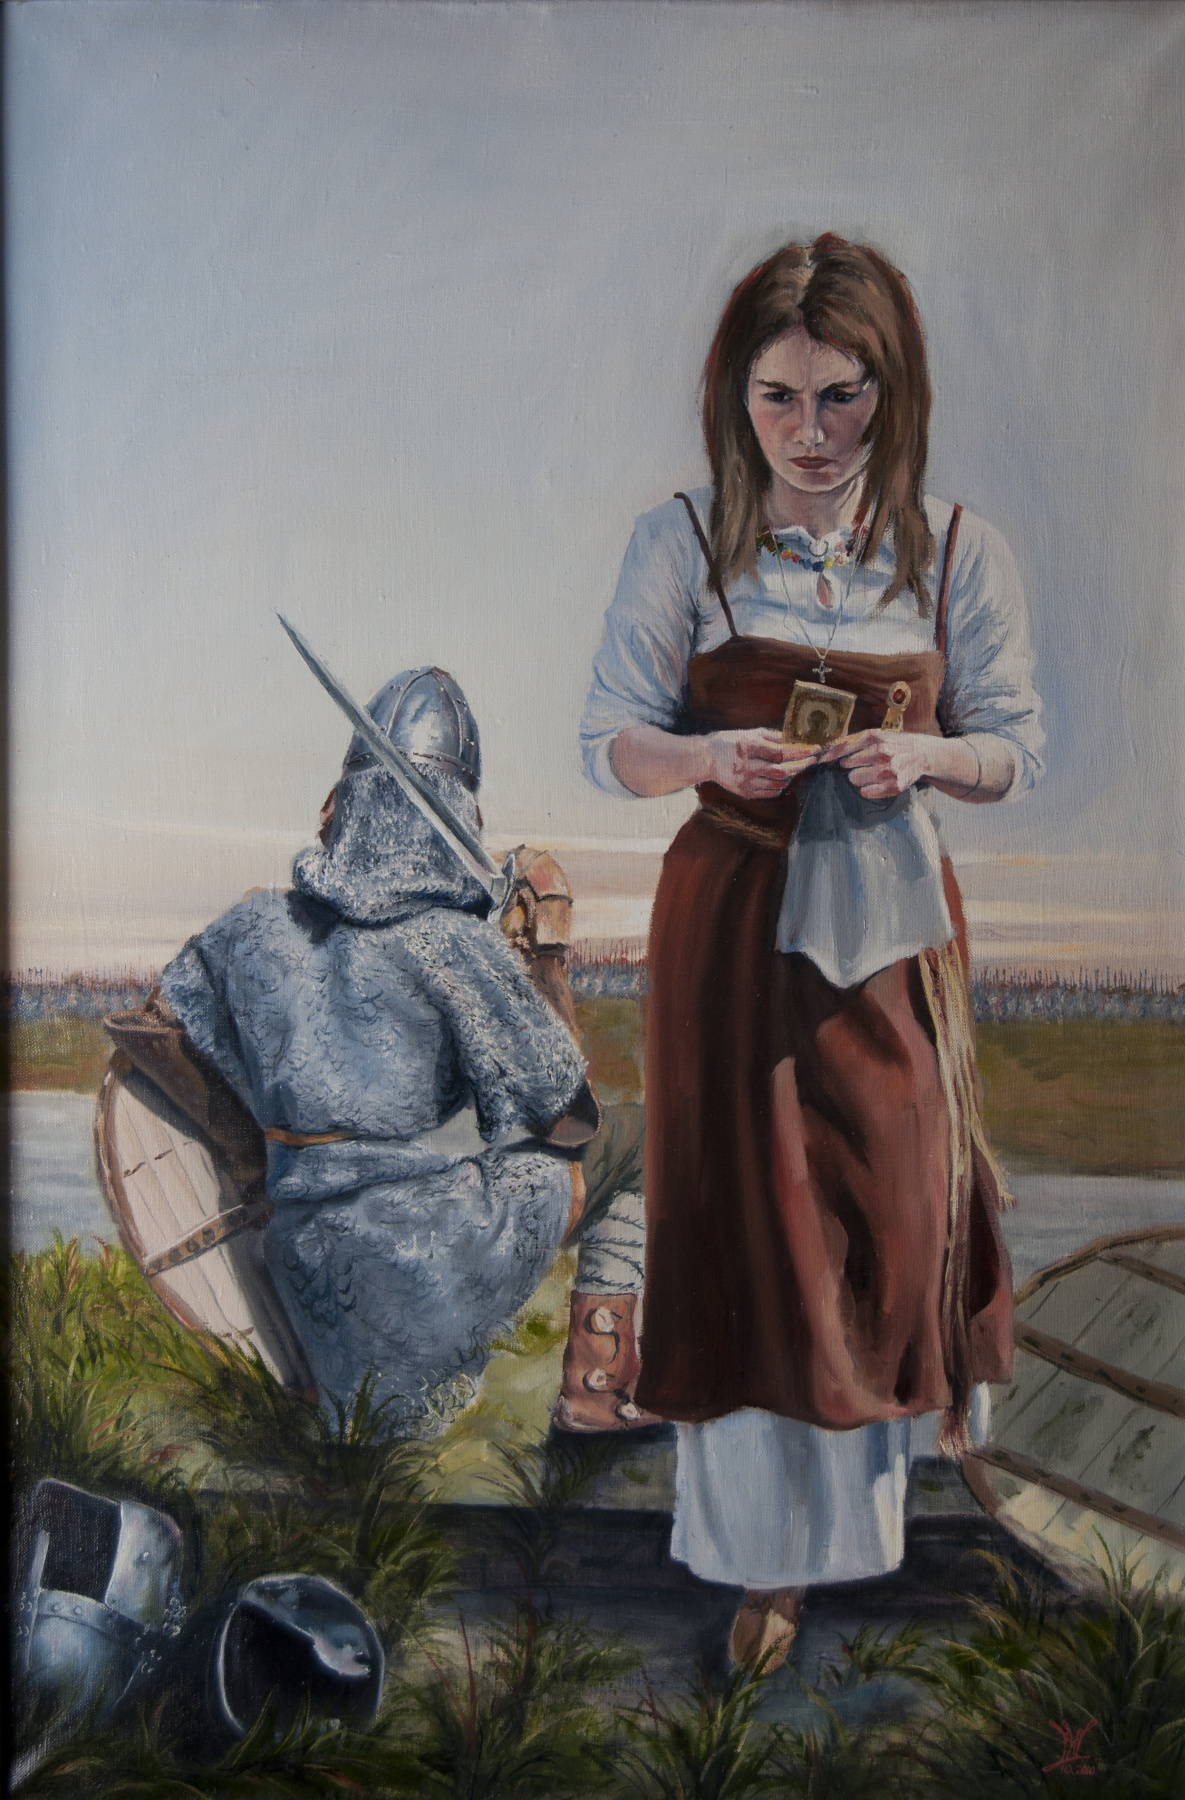 Вячеслав Юрьевич Шайнуров. Blessing